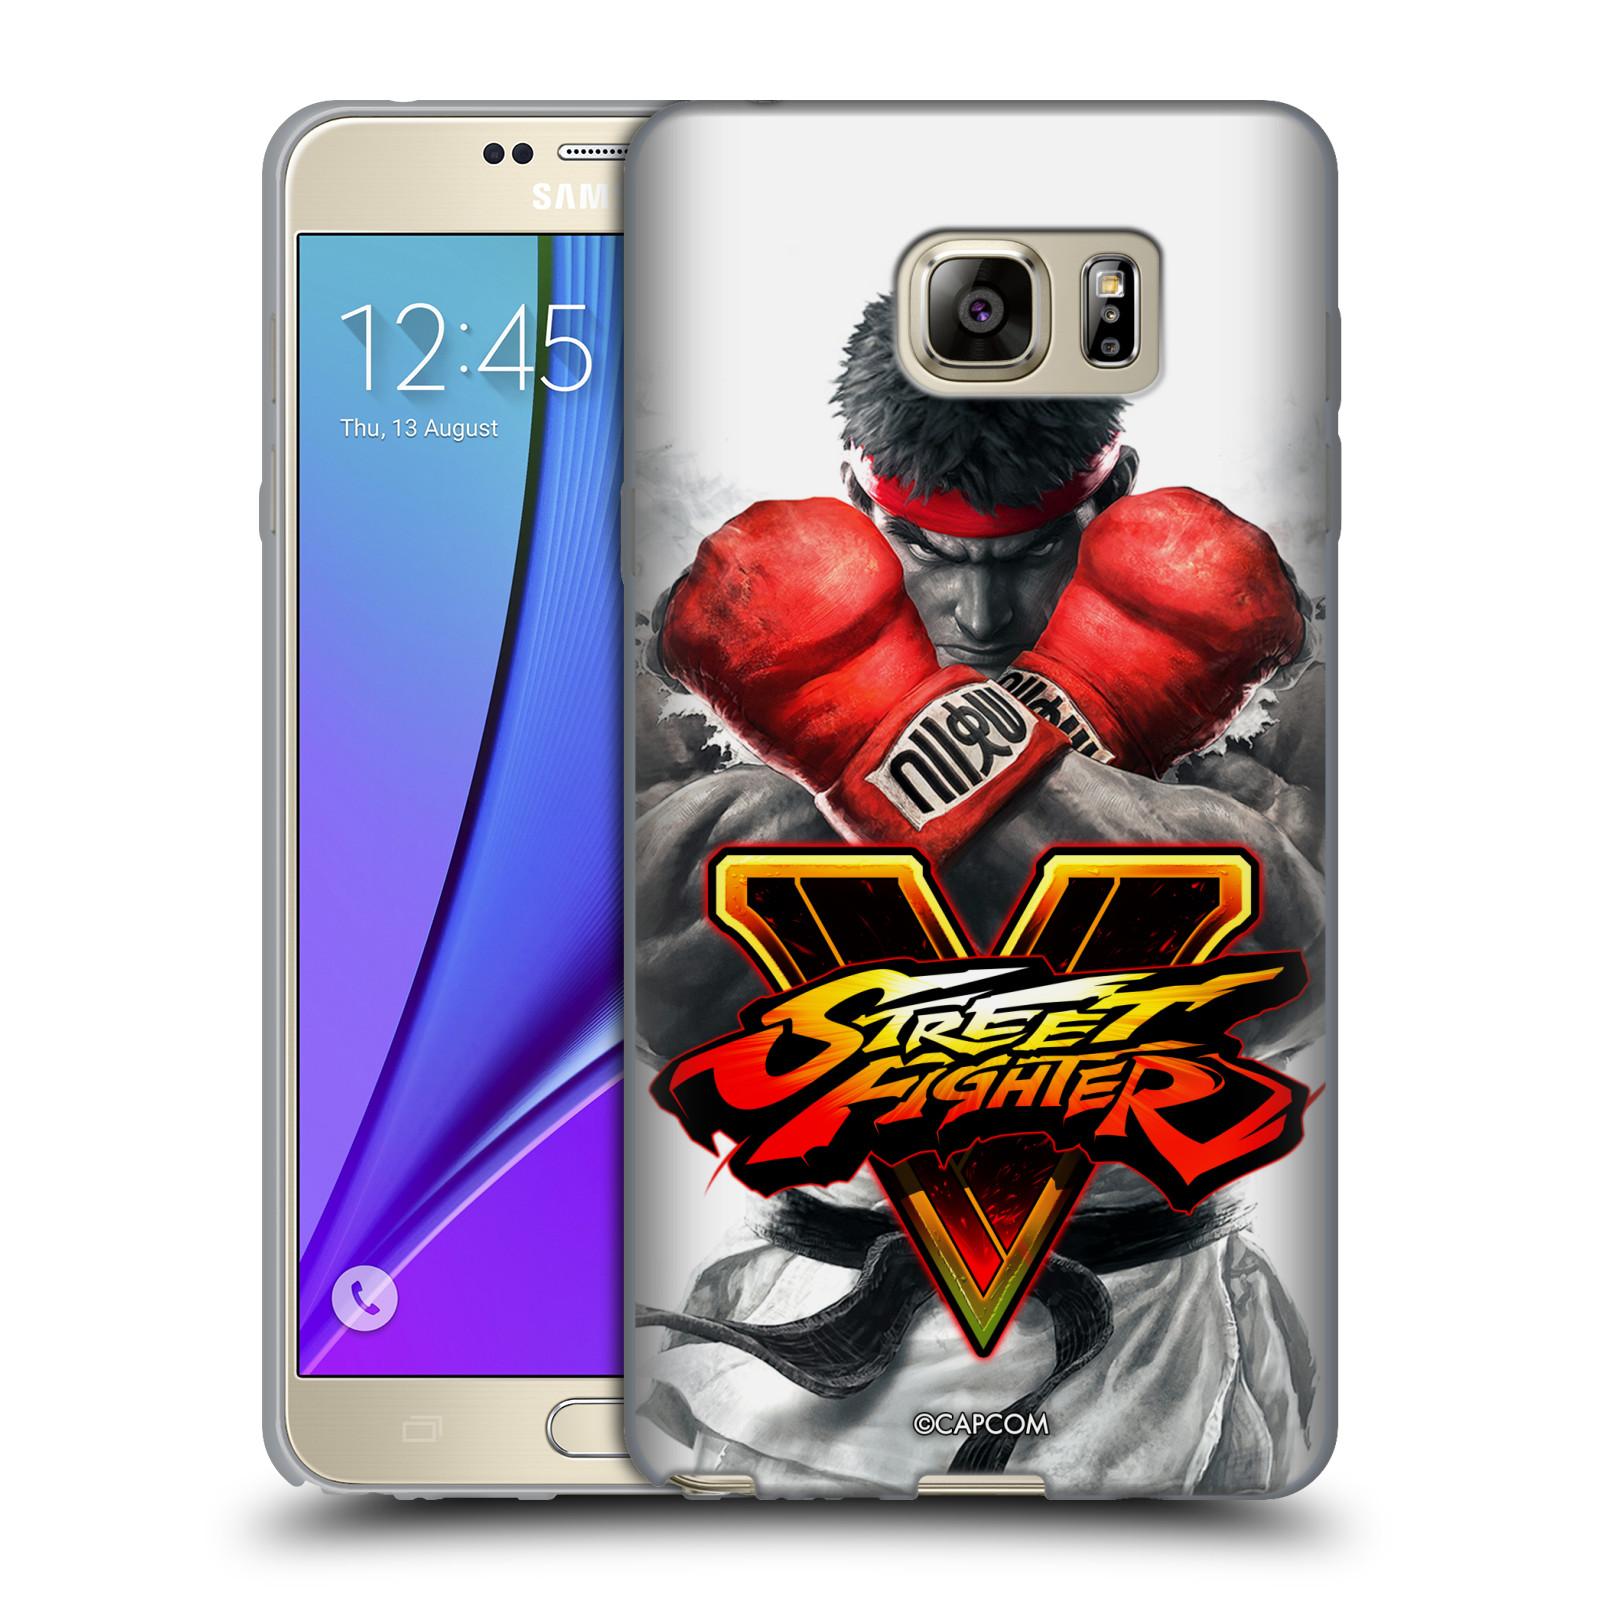 HEAD CASE silikonový obal na mobil Samsung Galaxy Note 5 oficiální kryt STREET FIGHTER Boxer Ryu